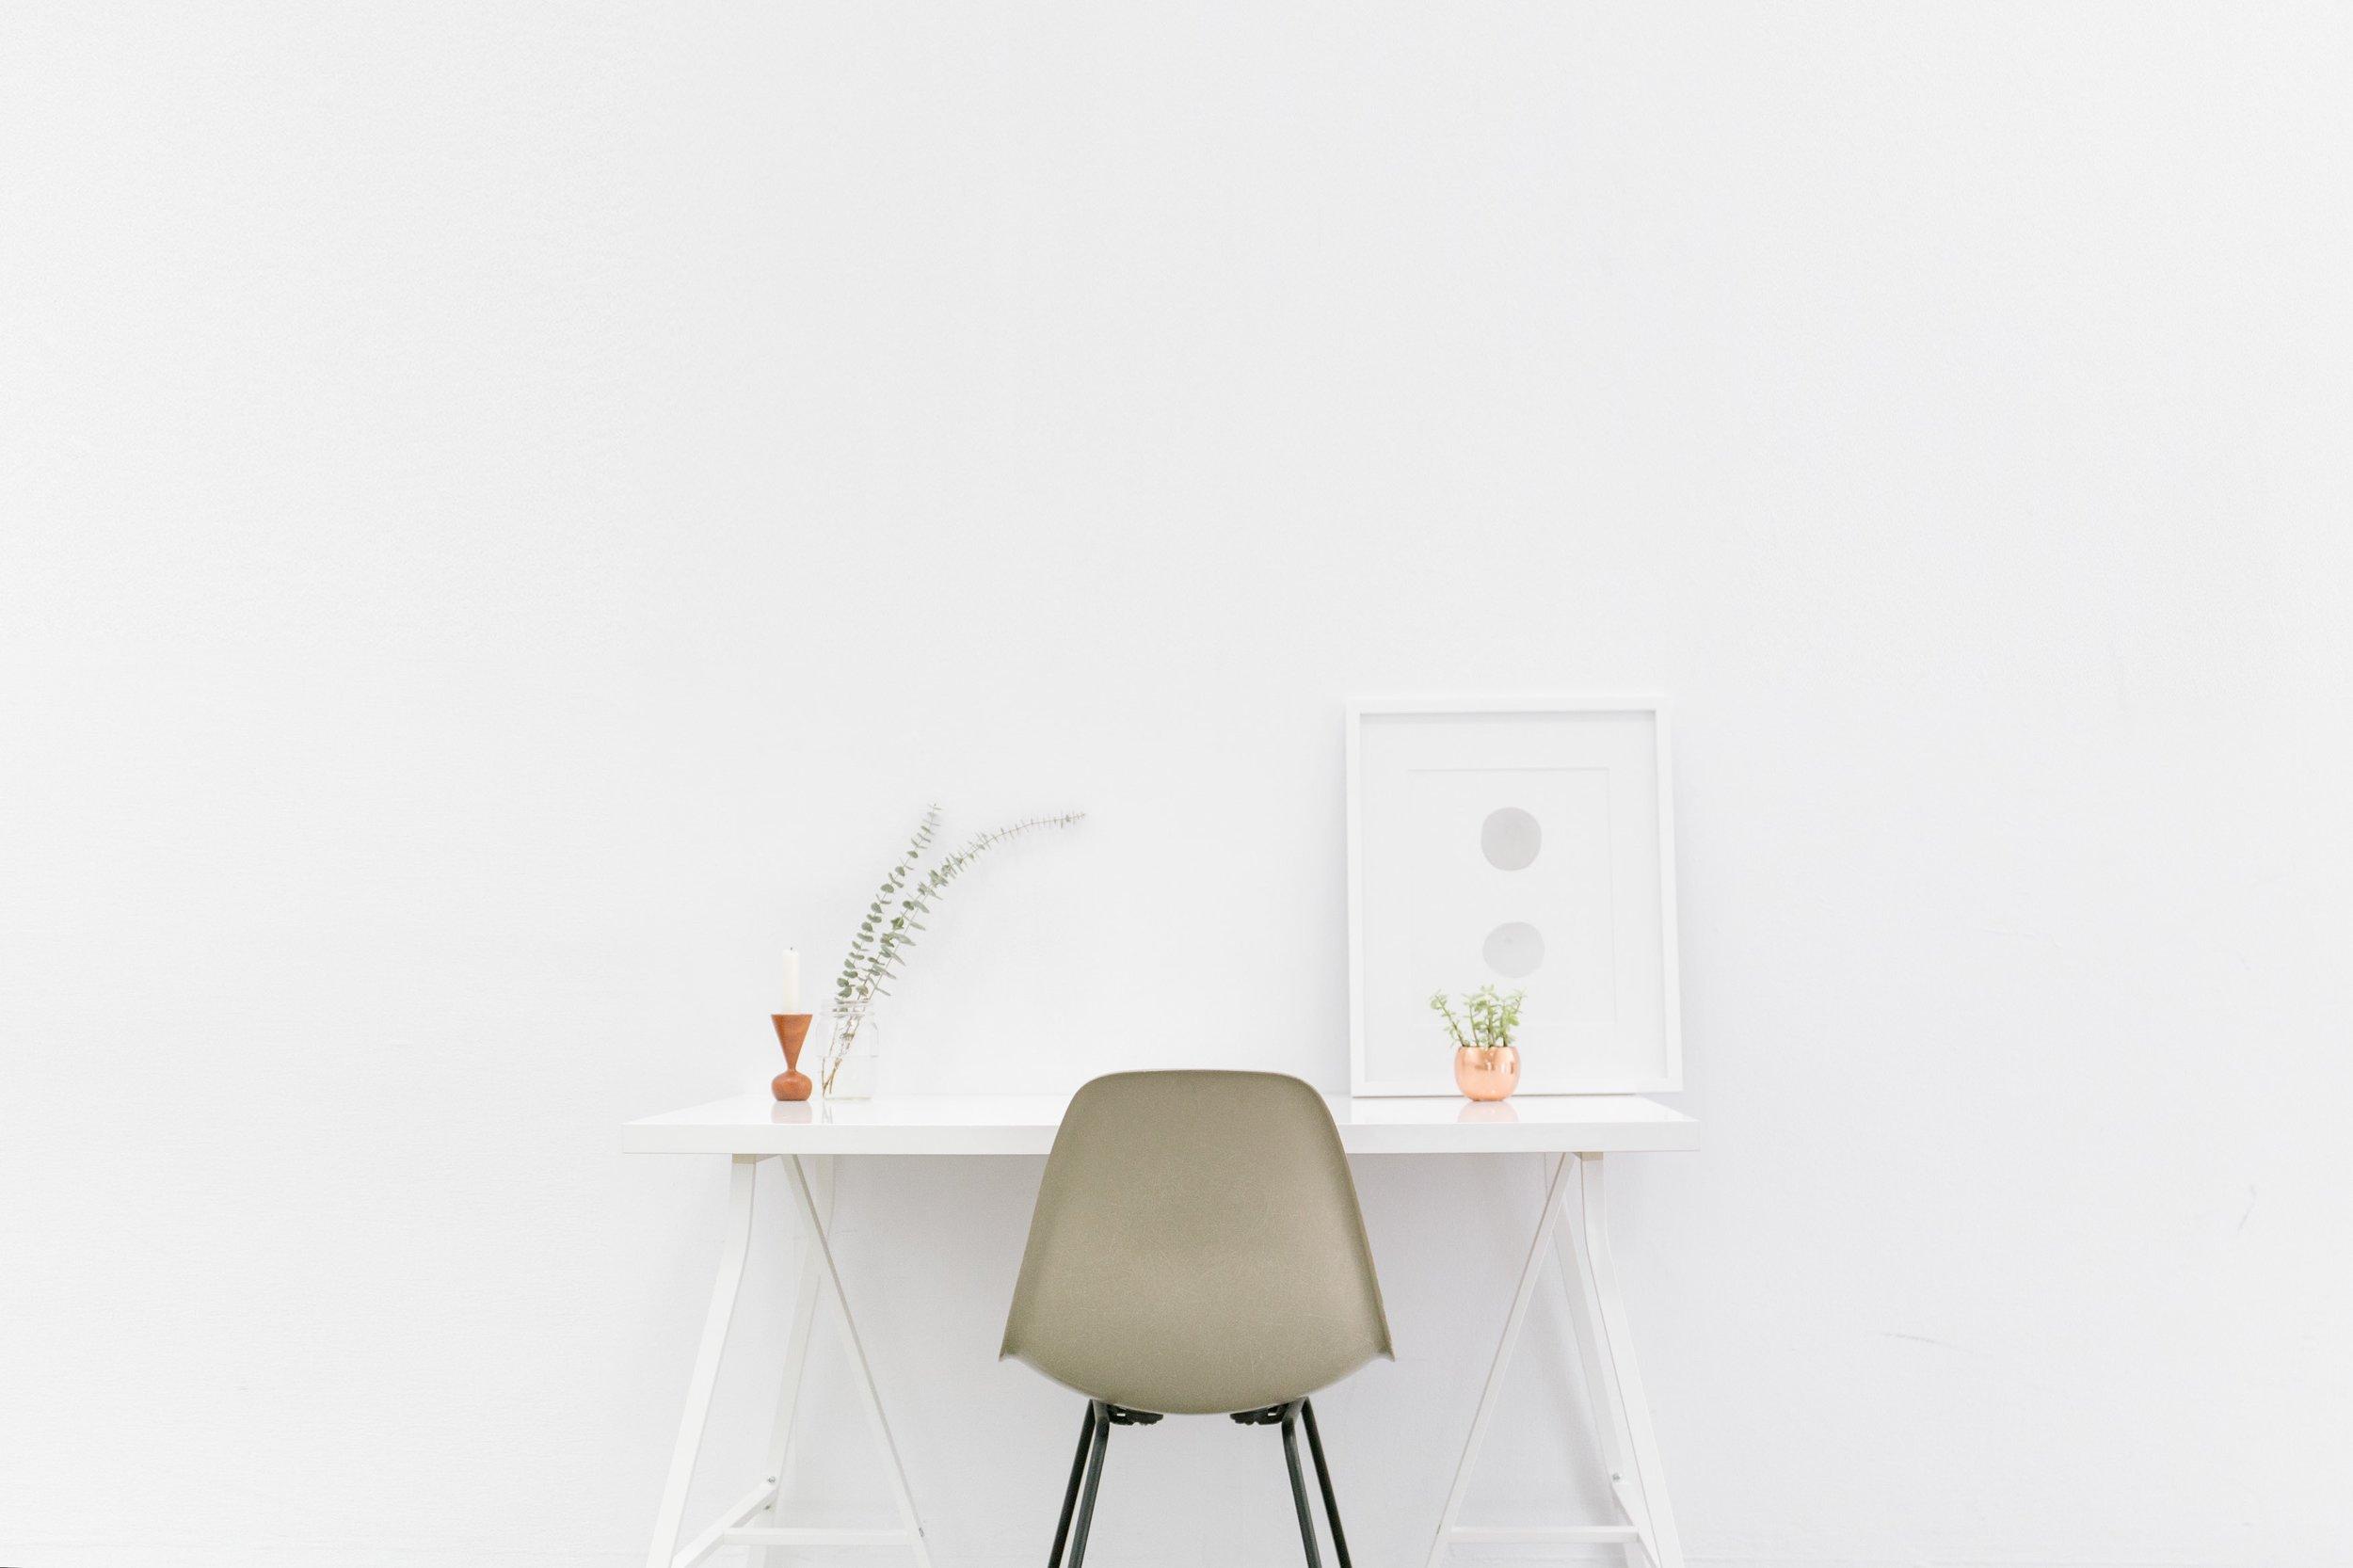 desk-table-white-chair-shelf-lamp-26634-pxhere.com.jpg